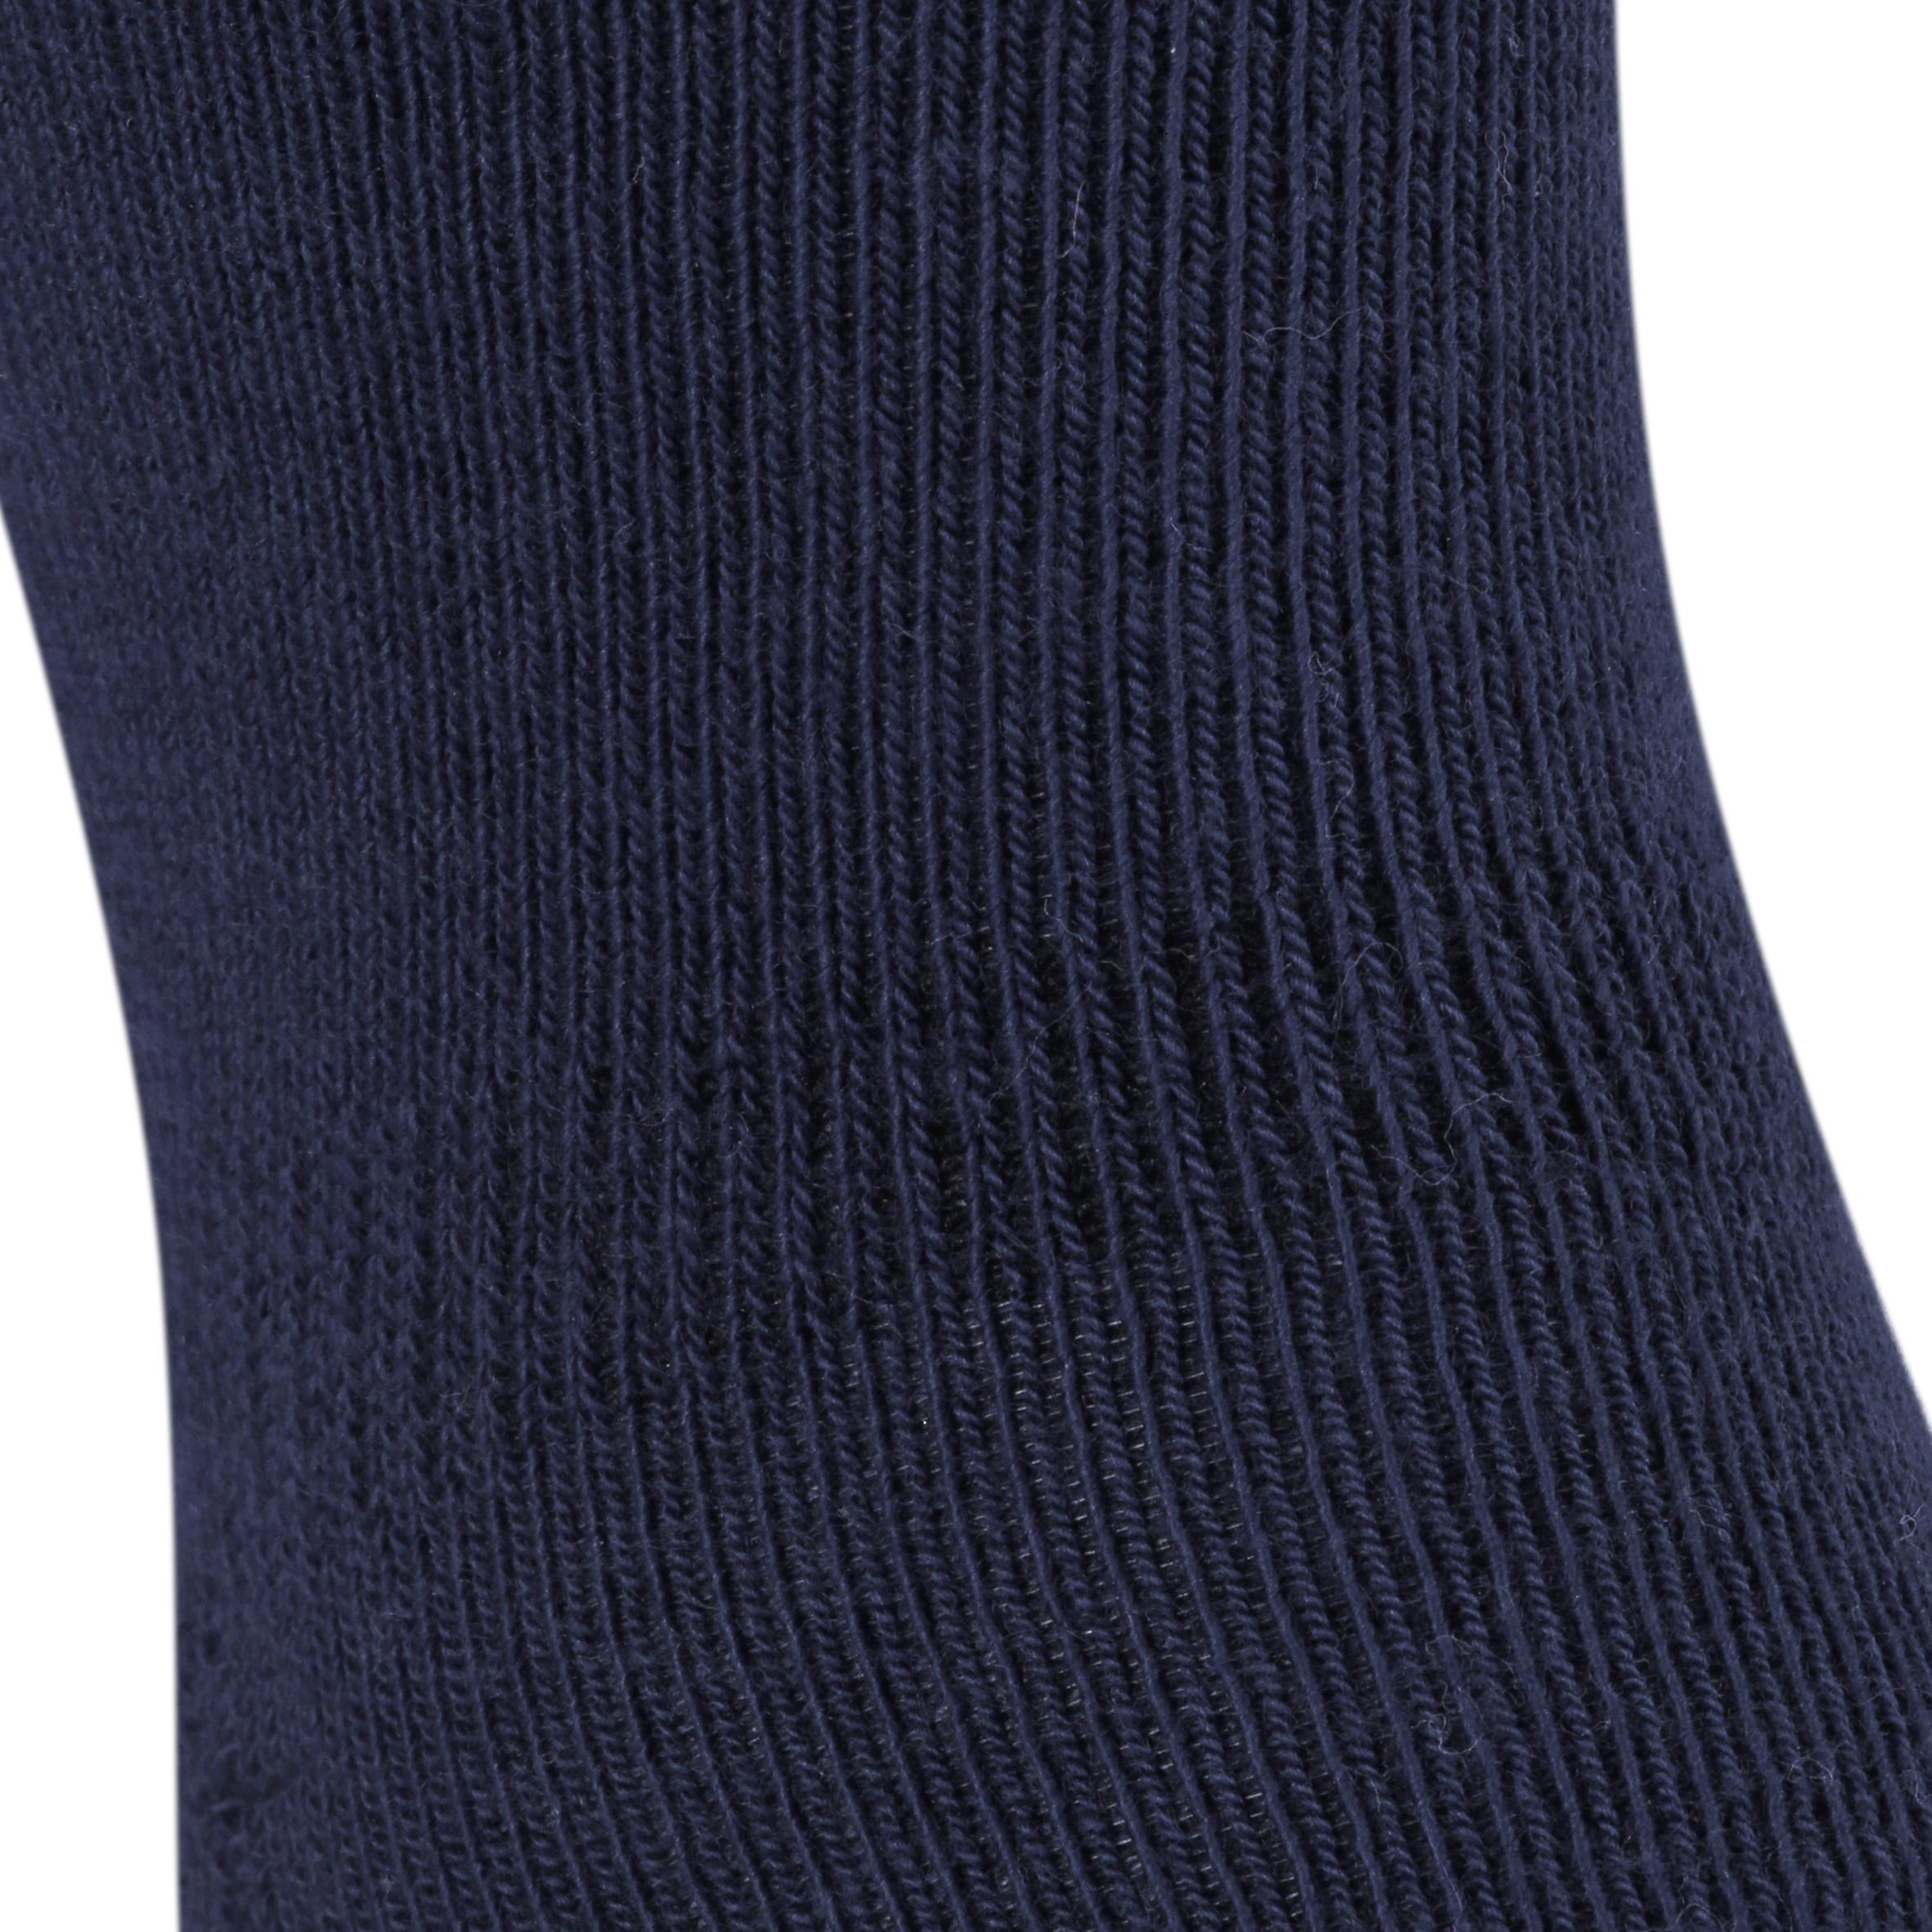 500 Anti-Slip Gym Socks Twin-Pack - Navy/Mottled Grey